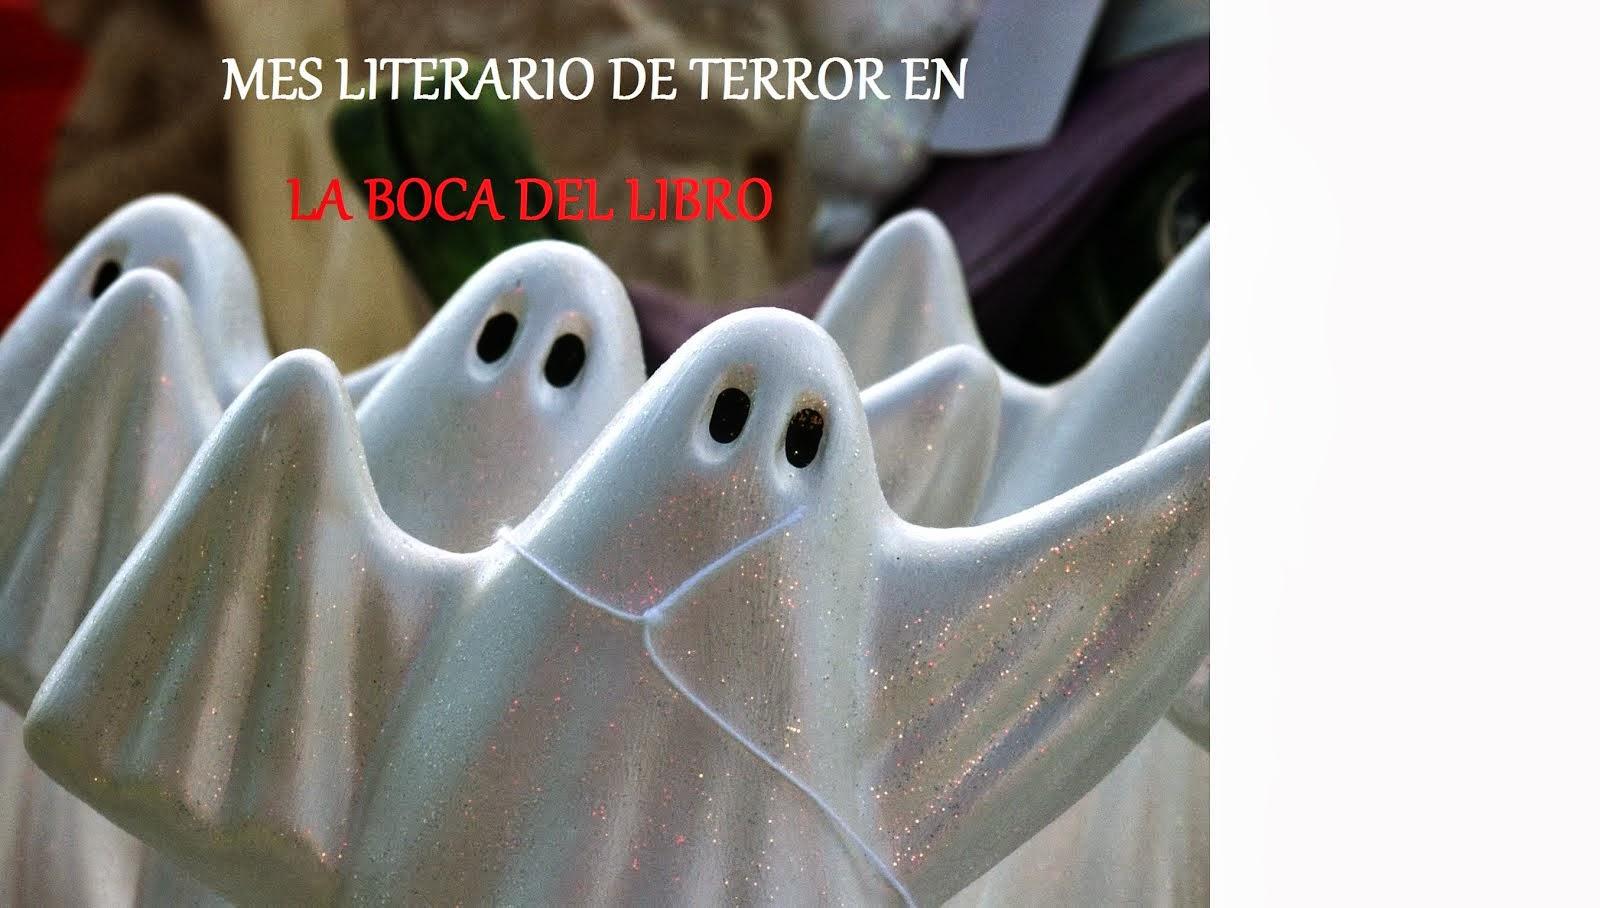 Ciclo literario de literatura de terror